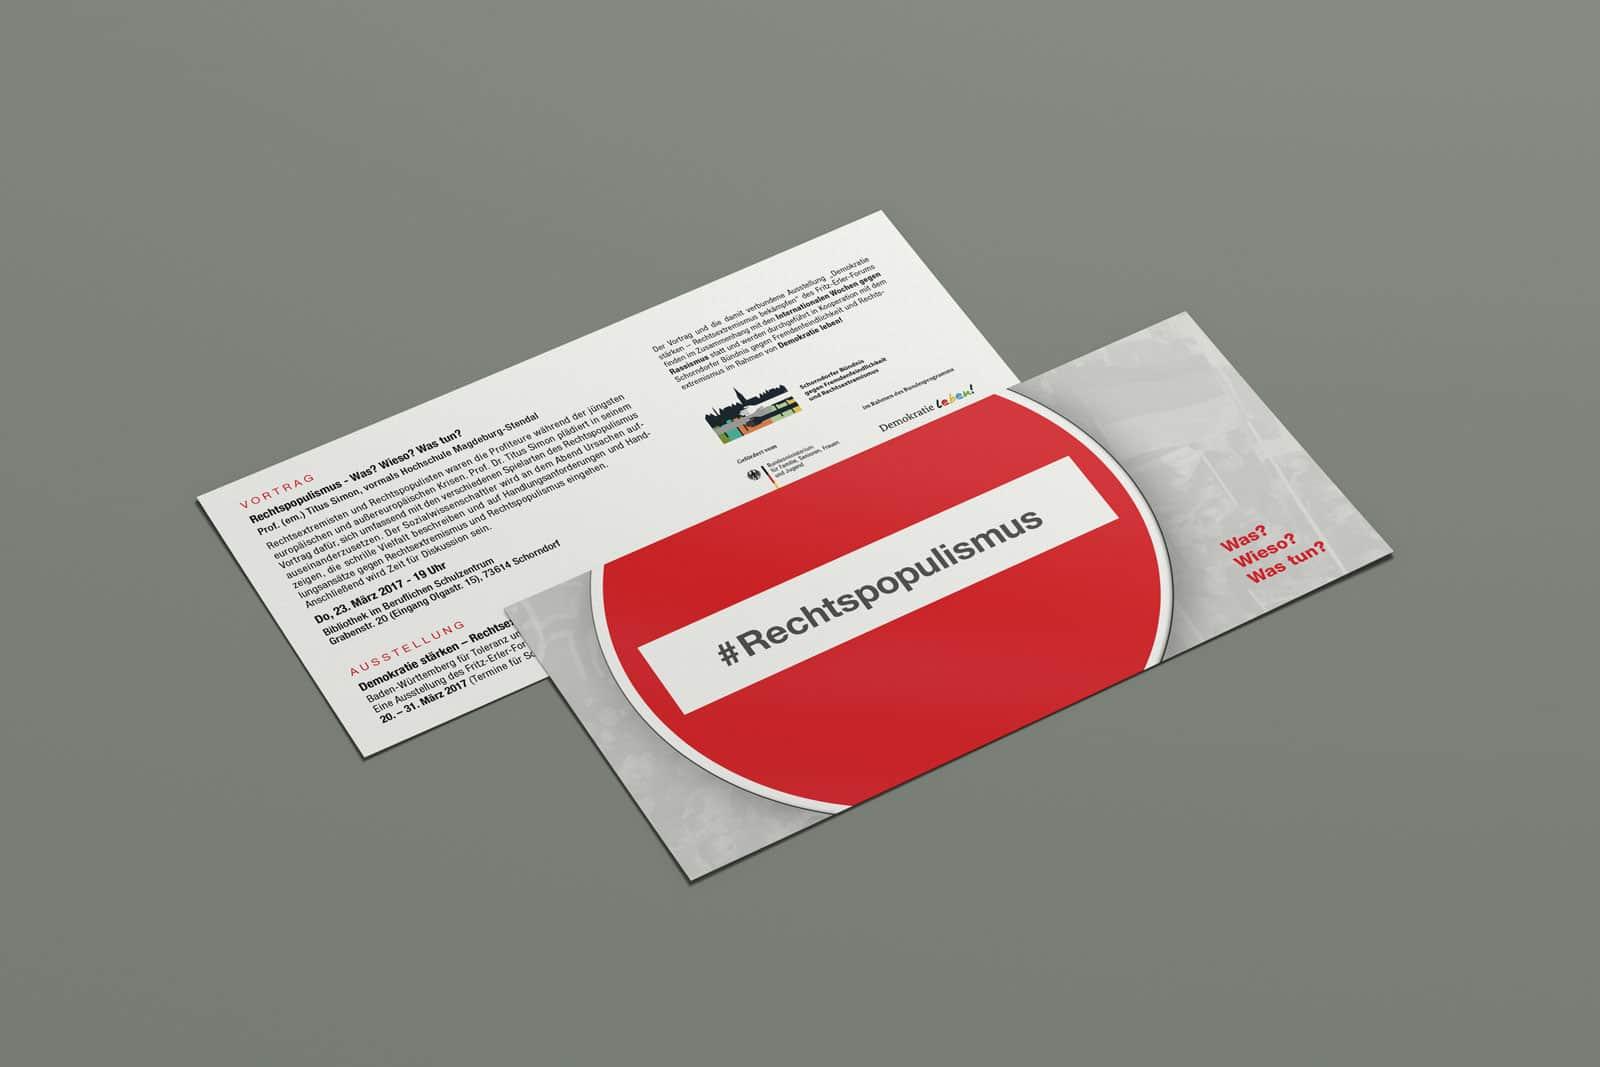 #Rechtspopulismus, Flyer, Werbemittel, Print, Printmedien, Ansicht 1